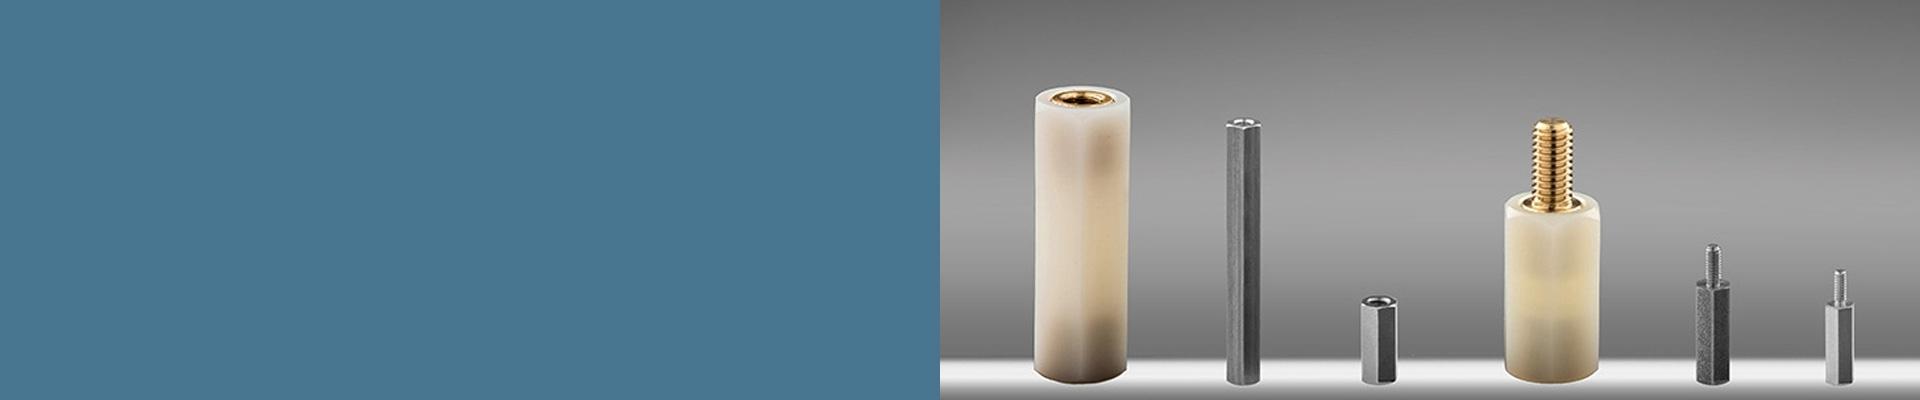 Abstandsbolzen aus Messing oder Stahl mit UNC Gewinde